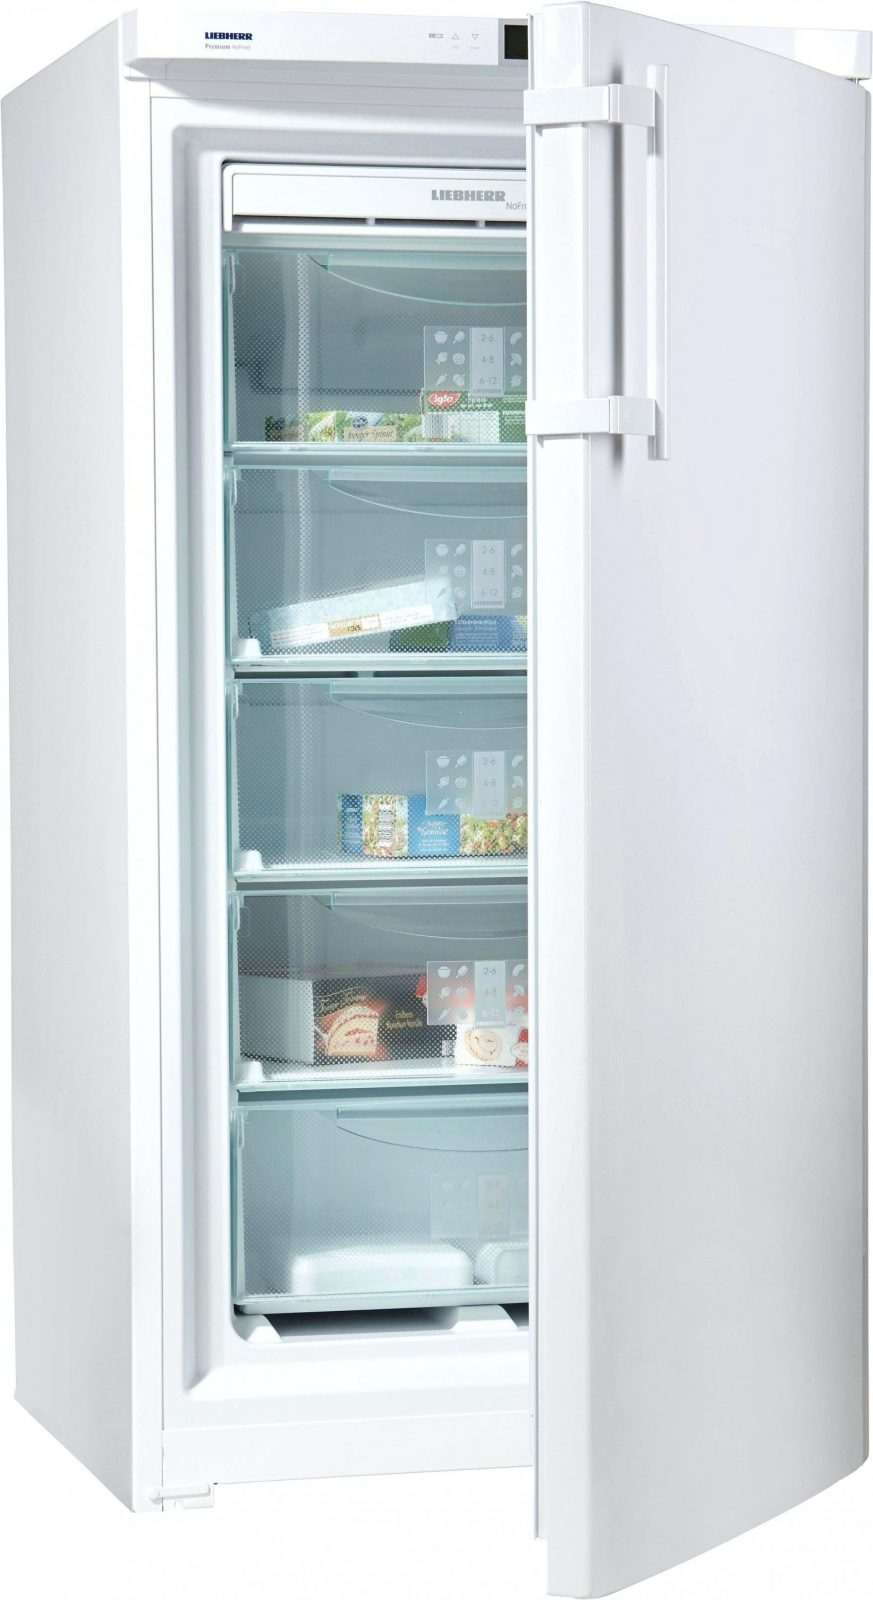 Liebherr No Frost Gefrierschrank Gnp 2666 20 Premium Nethome von Gnp 2666 Premium Nofrost Bild